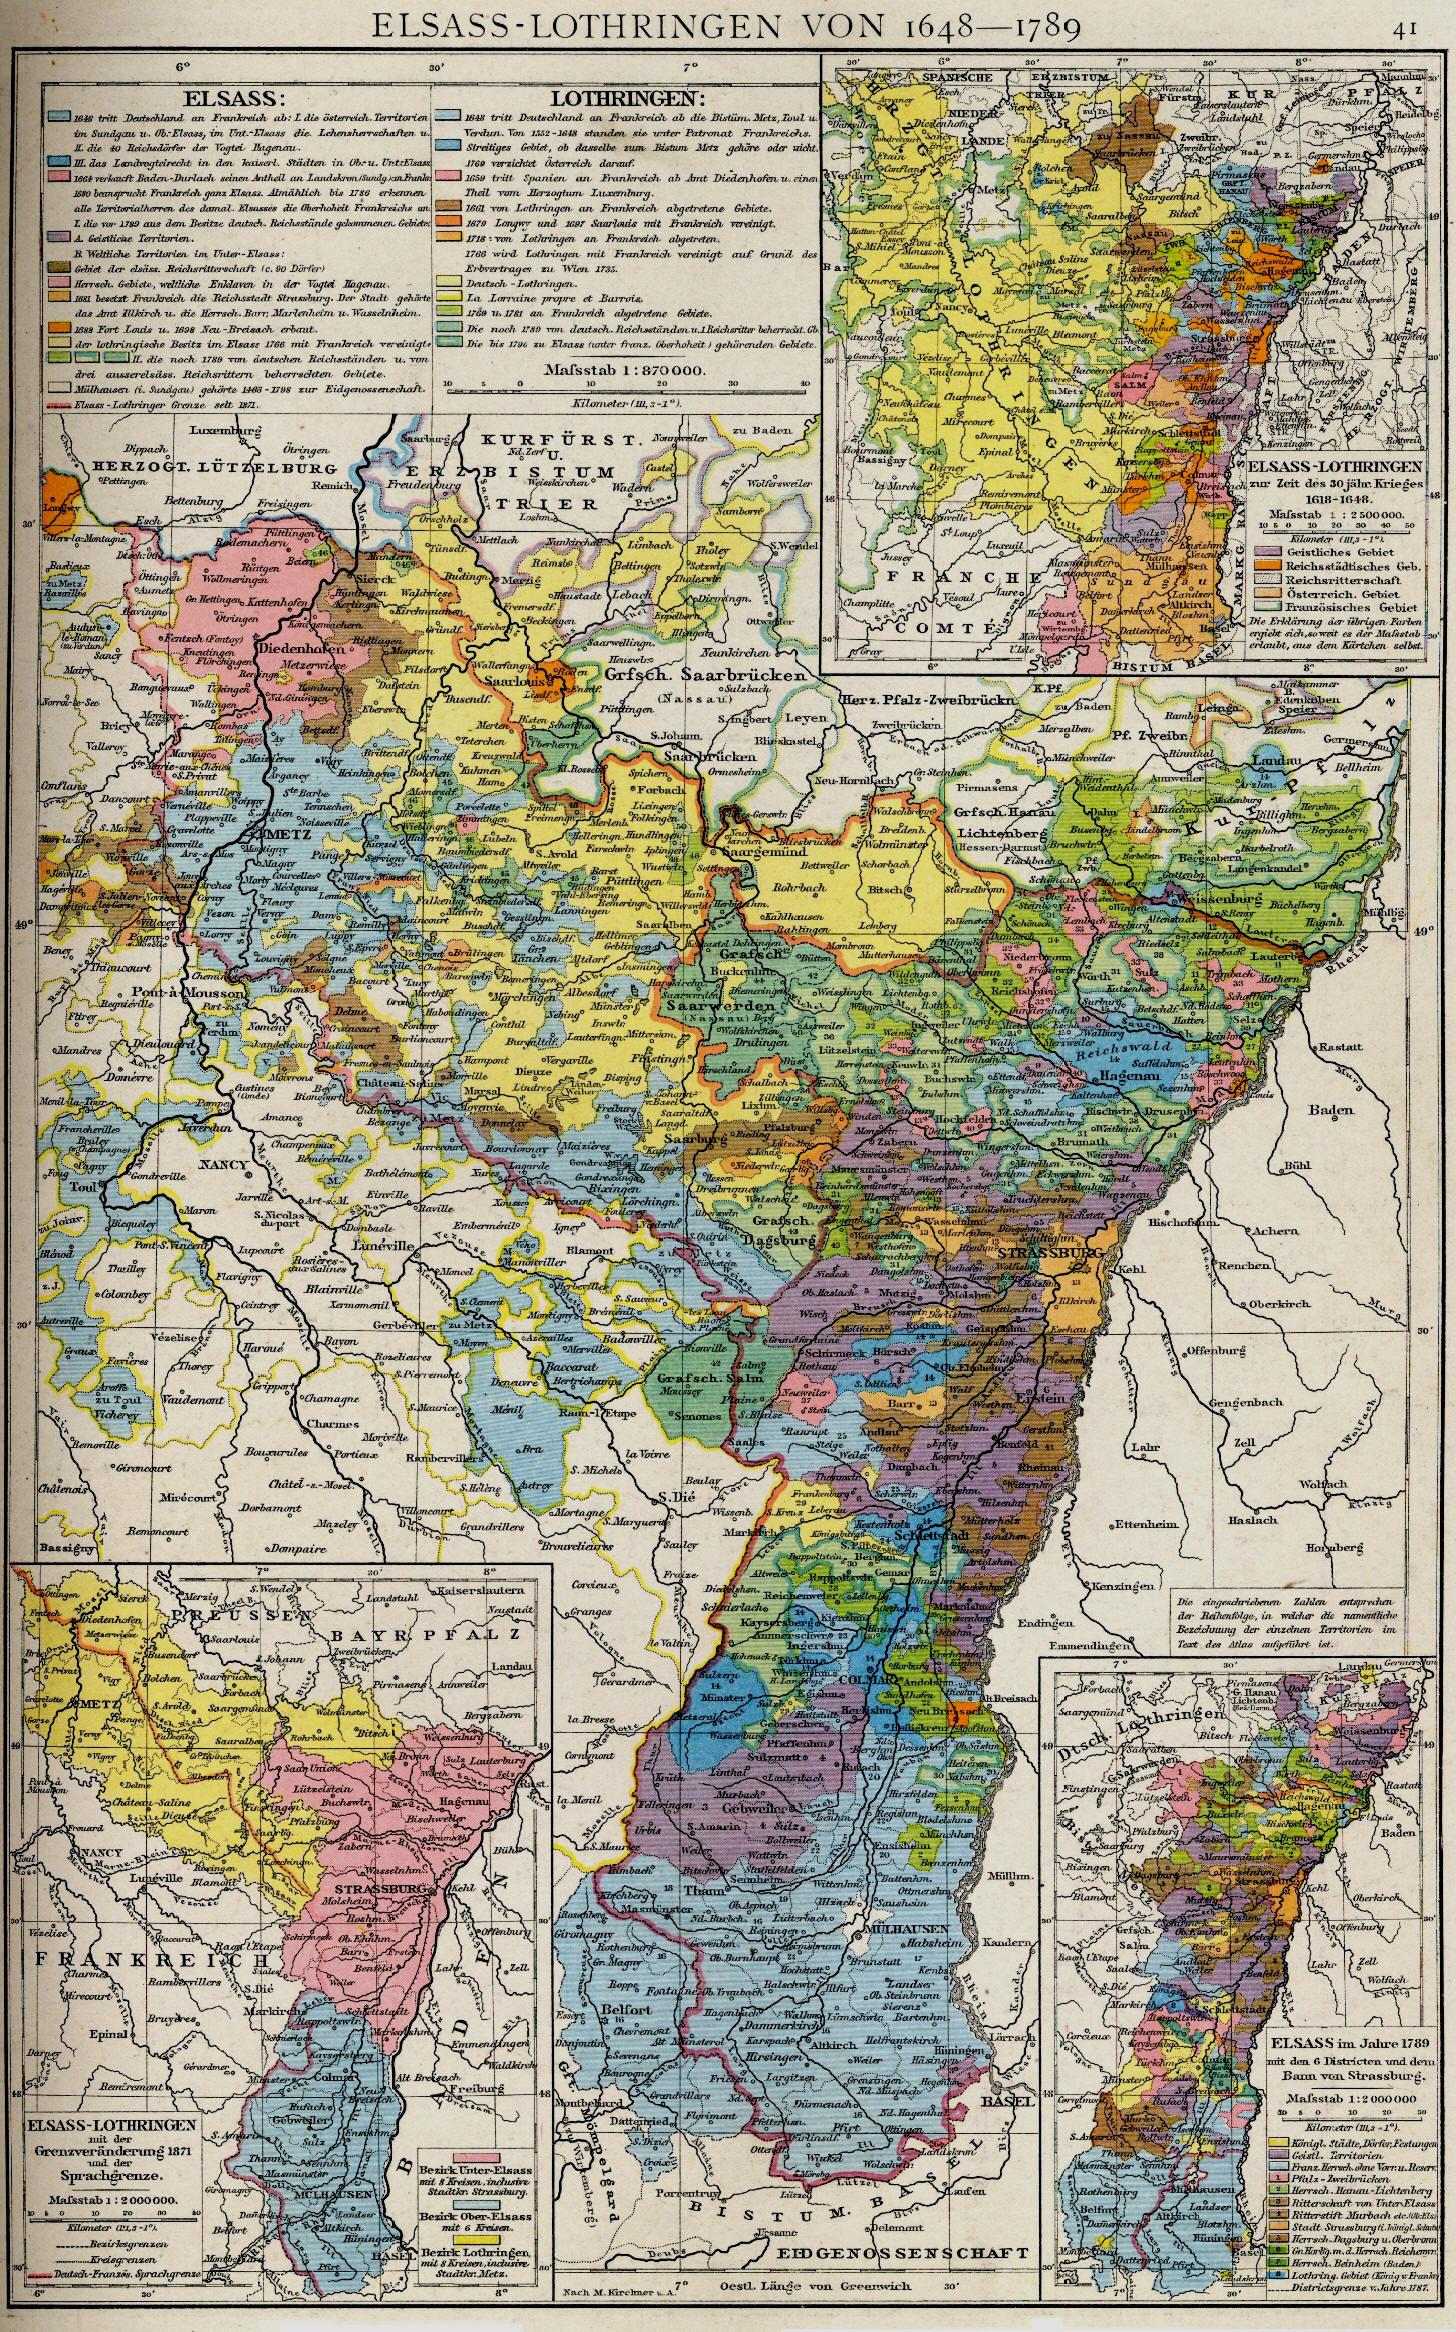 Carte Annexion Alsace Lorraine.Les Optants D Alsace Et De Lorraine Apres La Guerre De 1870